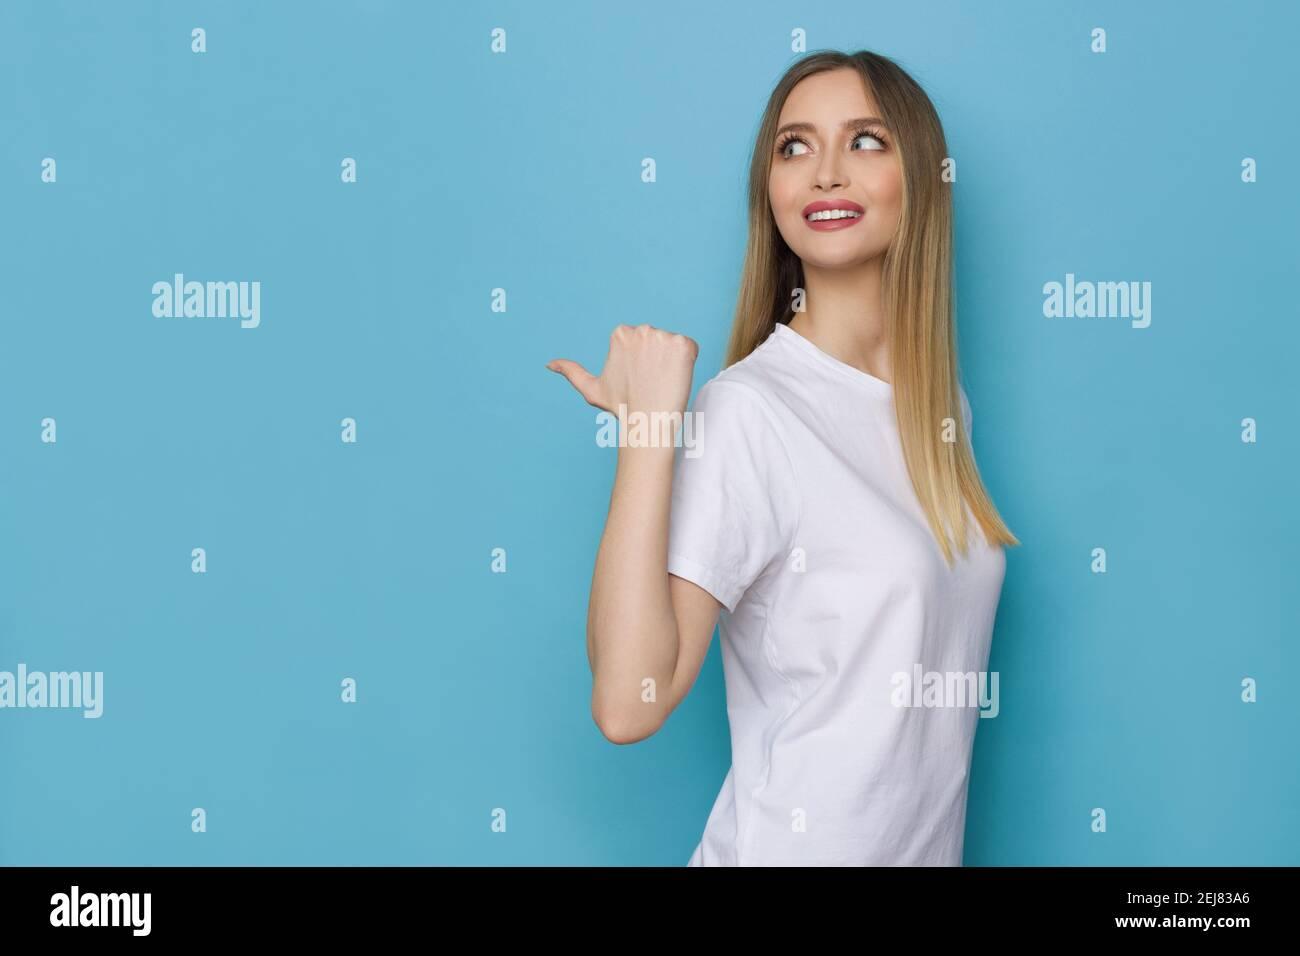 La jeune femme souriante en chemise blanche pointe derrière elle avec le pouce et regarde loin. Vue latérale. Taille haute studio tourné sur fond bleu. Banque D'Images